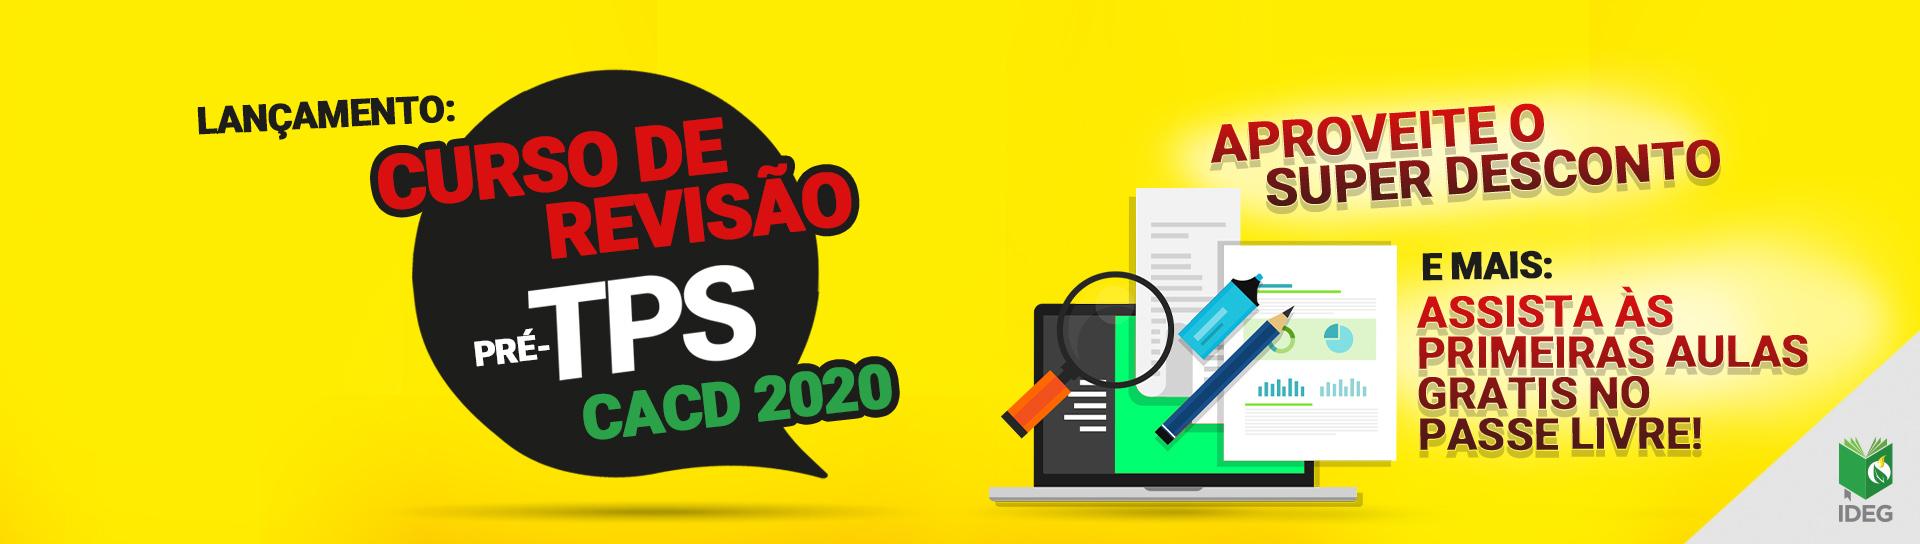 Curso primeira fase cacd 2020